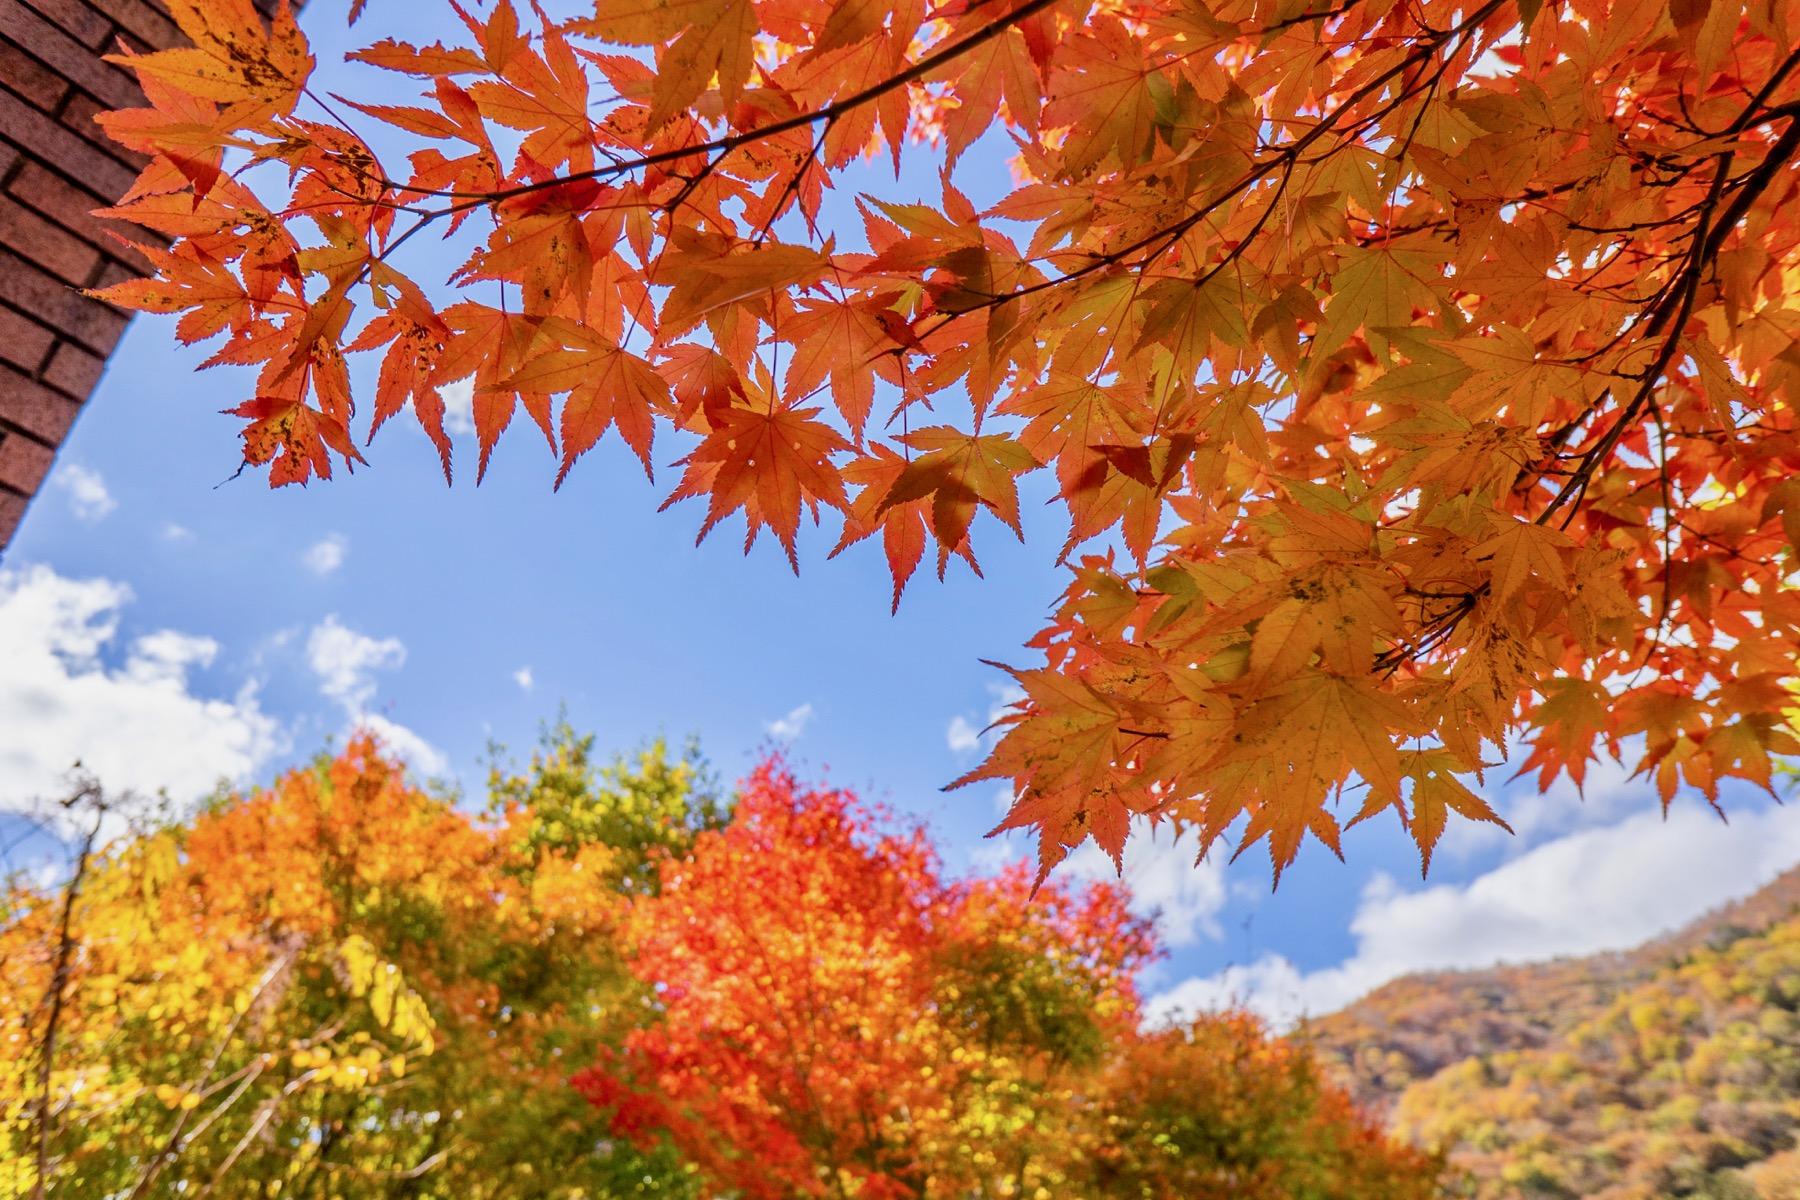 Hình ảnh mùa thu lá vàng đẹp